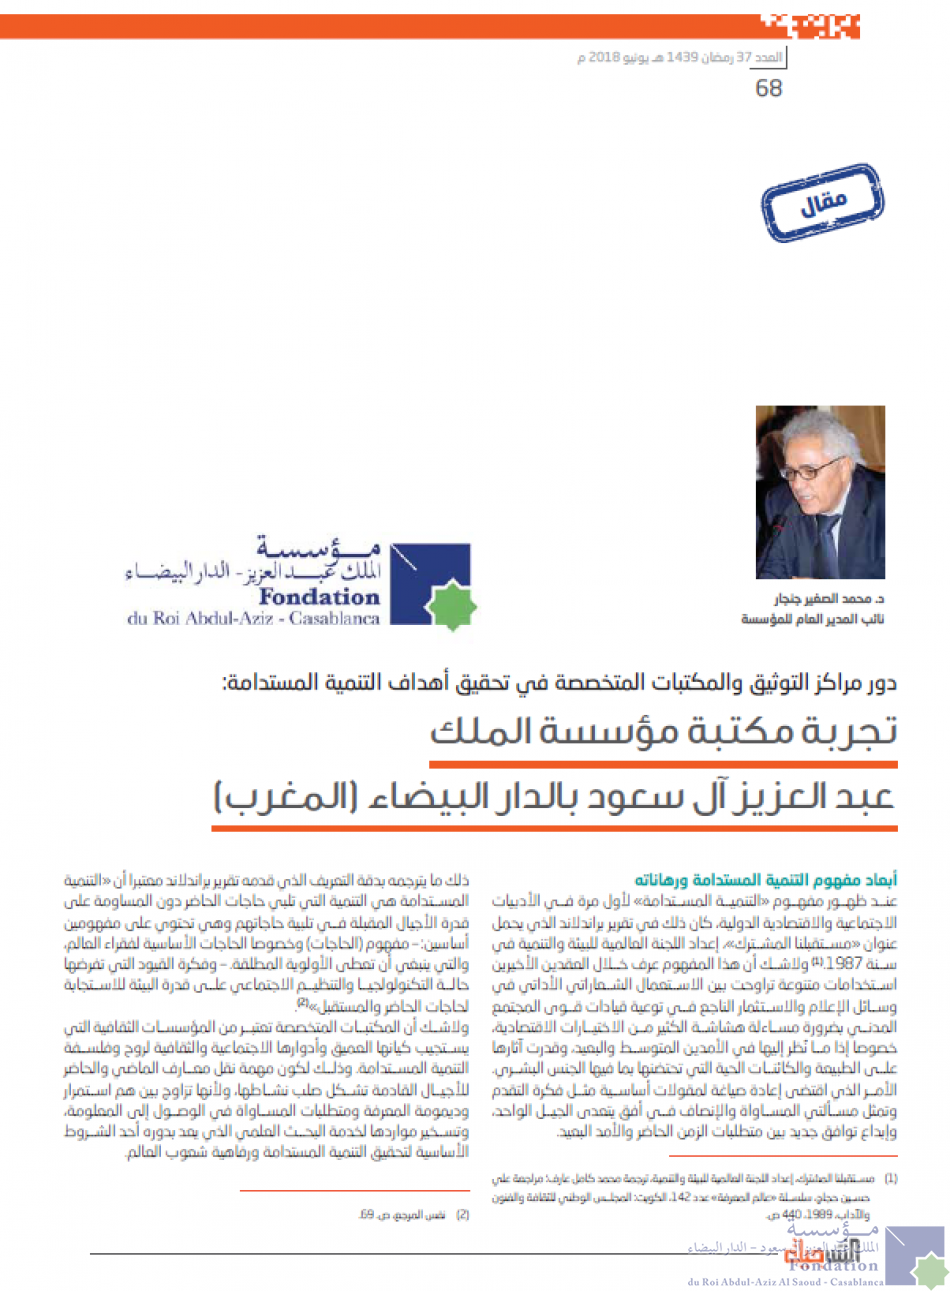 تجربة مكتبة مؤسسة الملك عبد العزيز آل سعود بالدار البيضاء (المغرب)